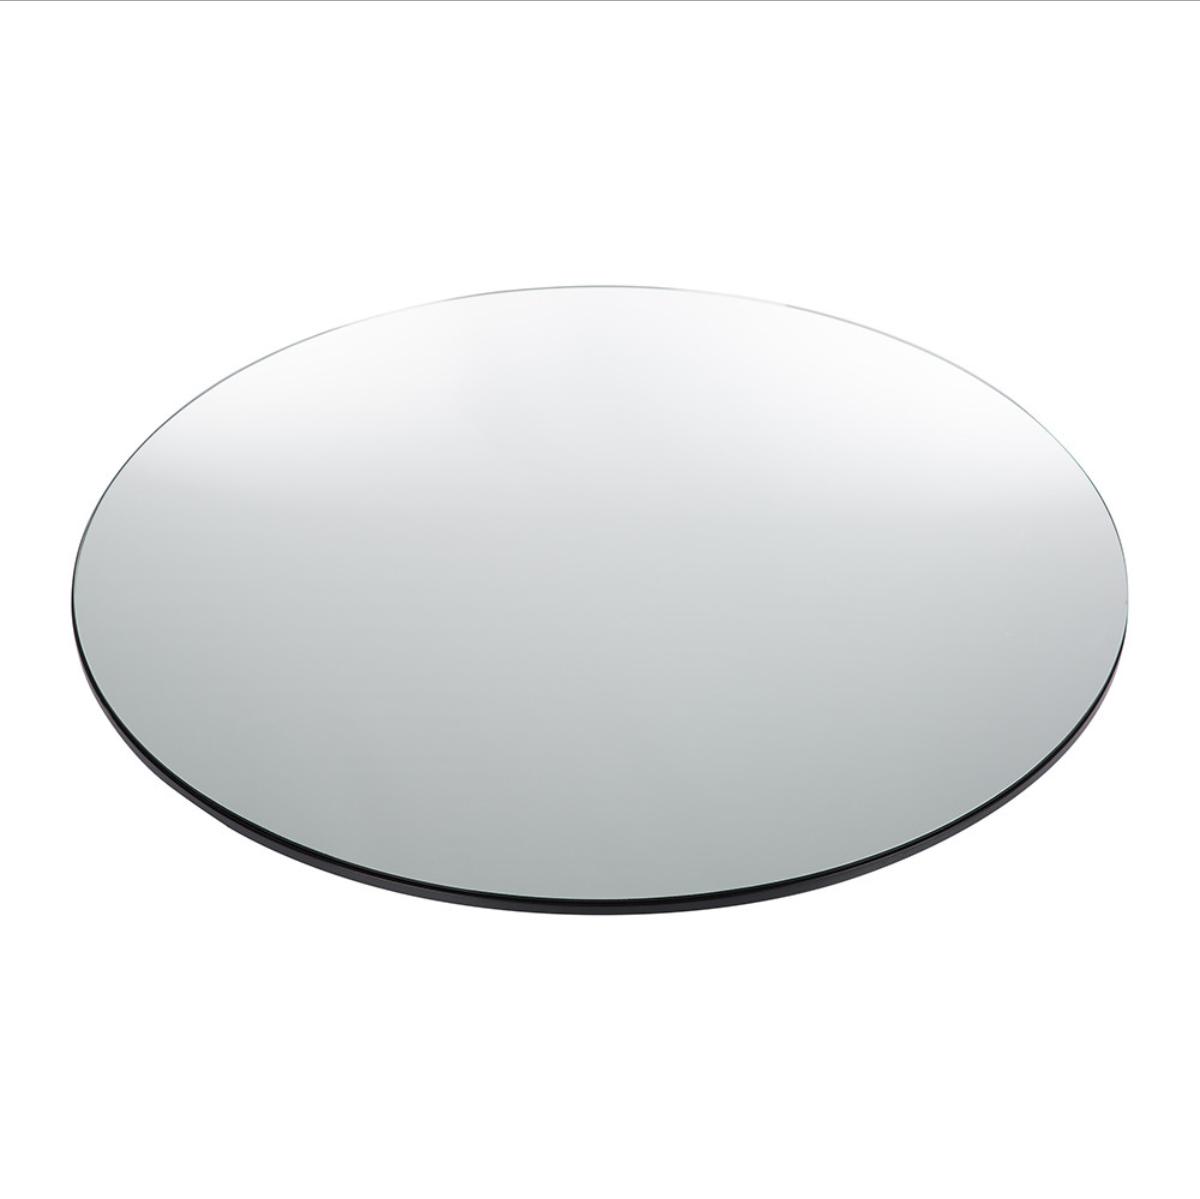 Round Mirror 20cm - Silver